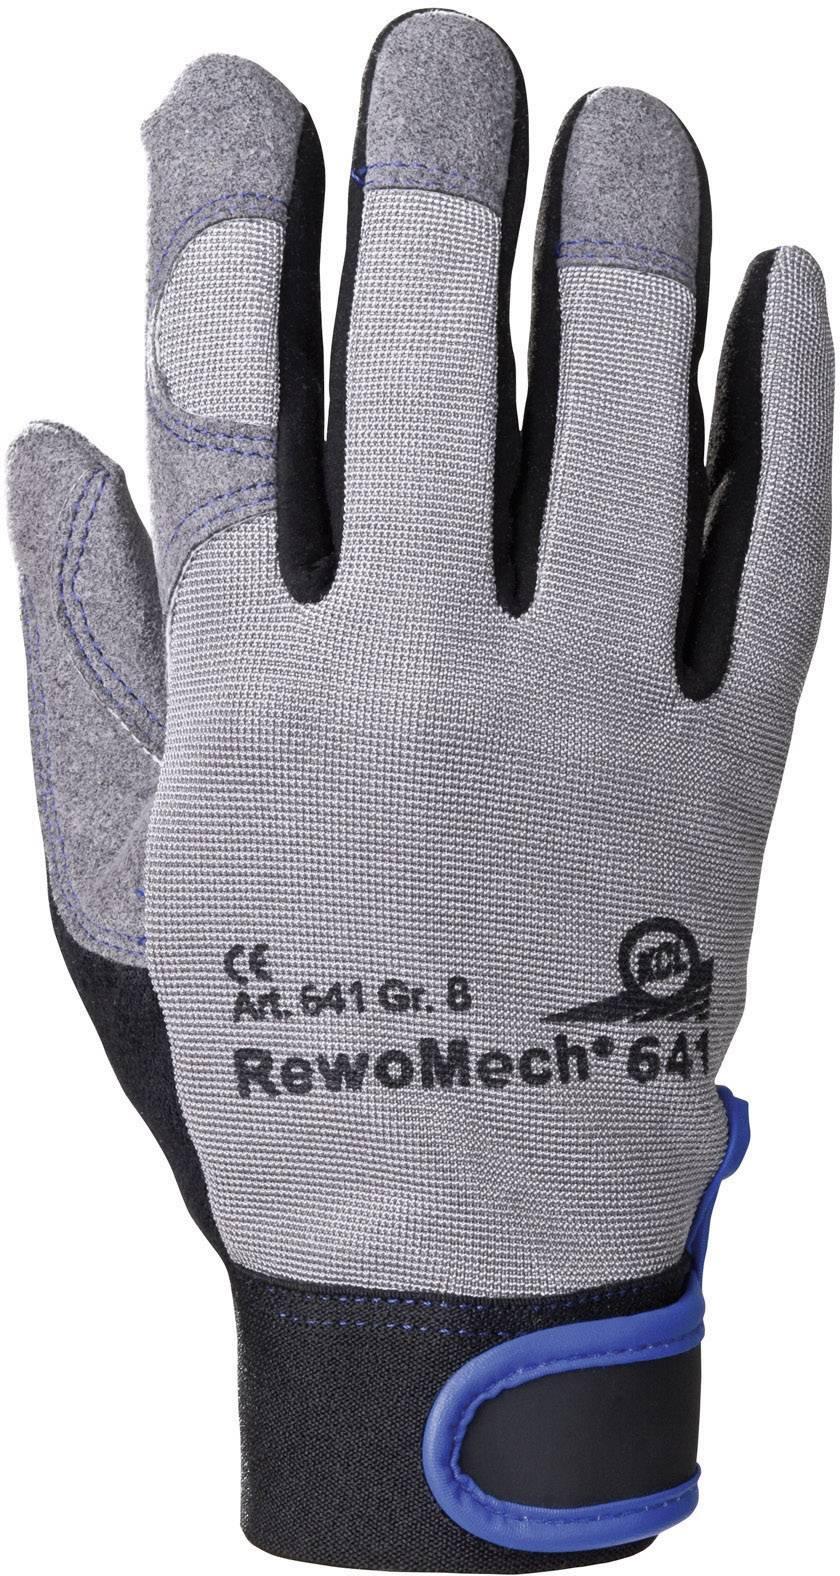 Pracovní rukavice KCL RewoMech 641 641, velikost rukavic: 9, L